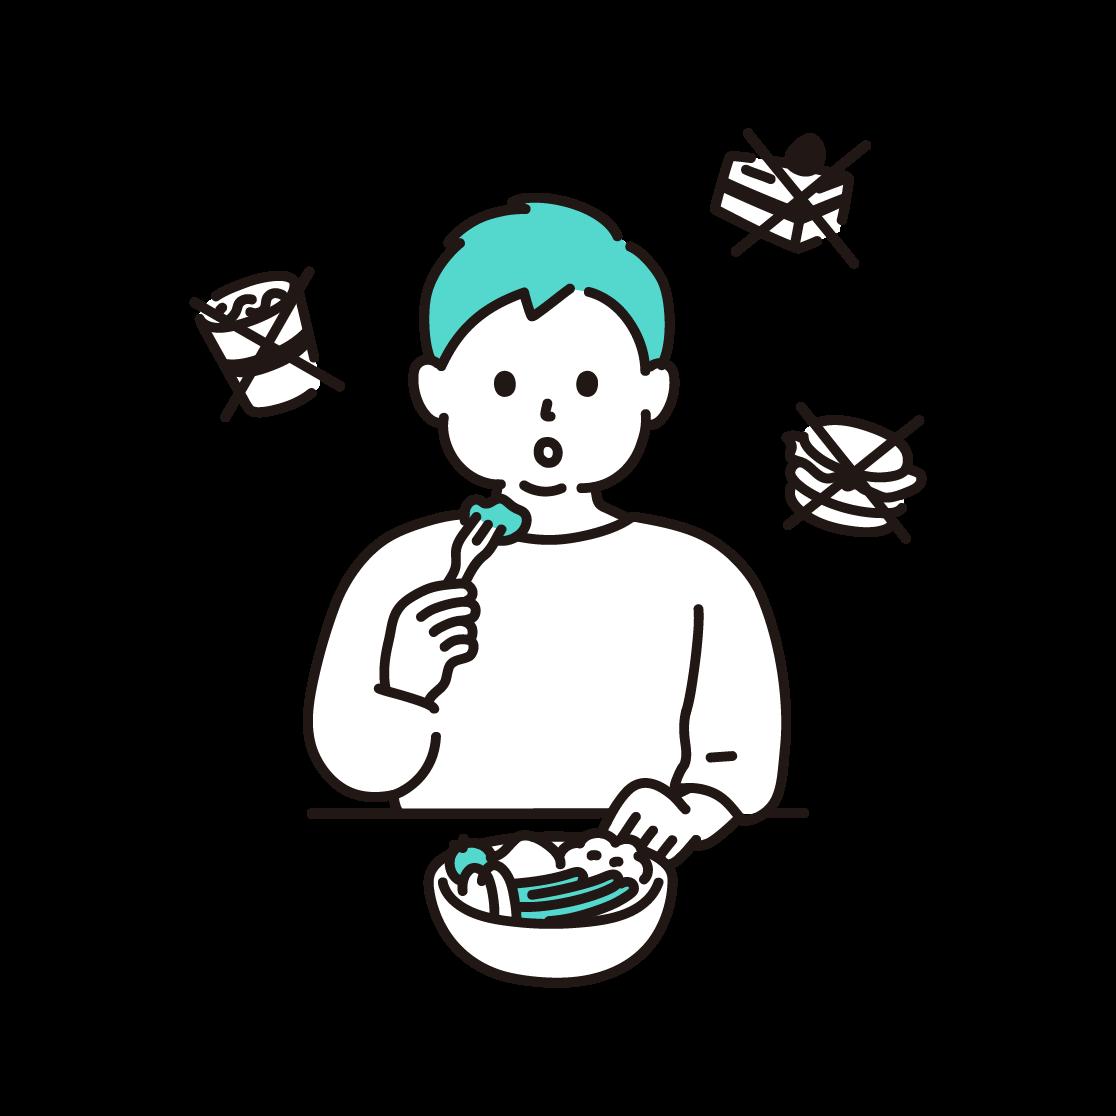 食事制限をする男性のイラスト(単色)